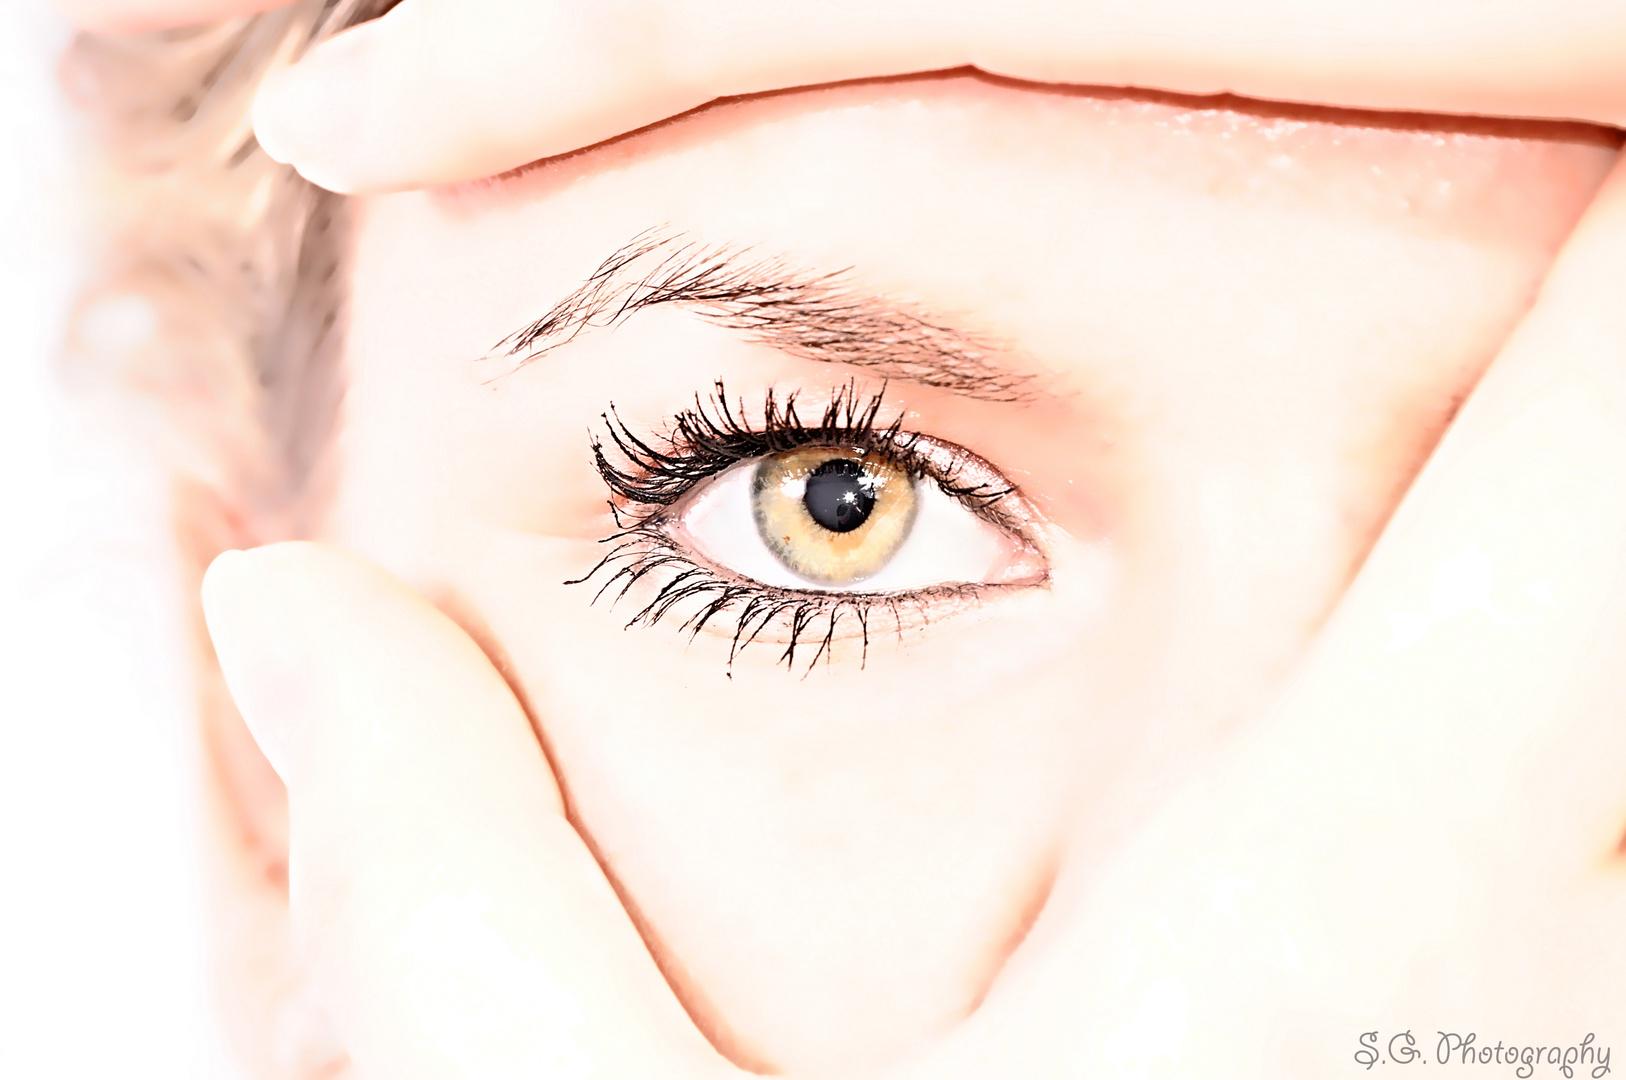 The eye II